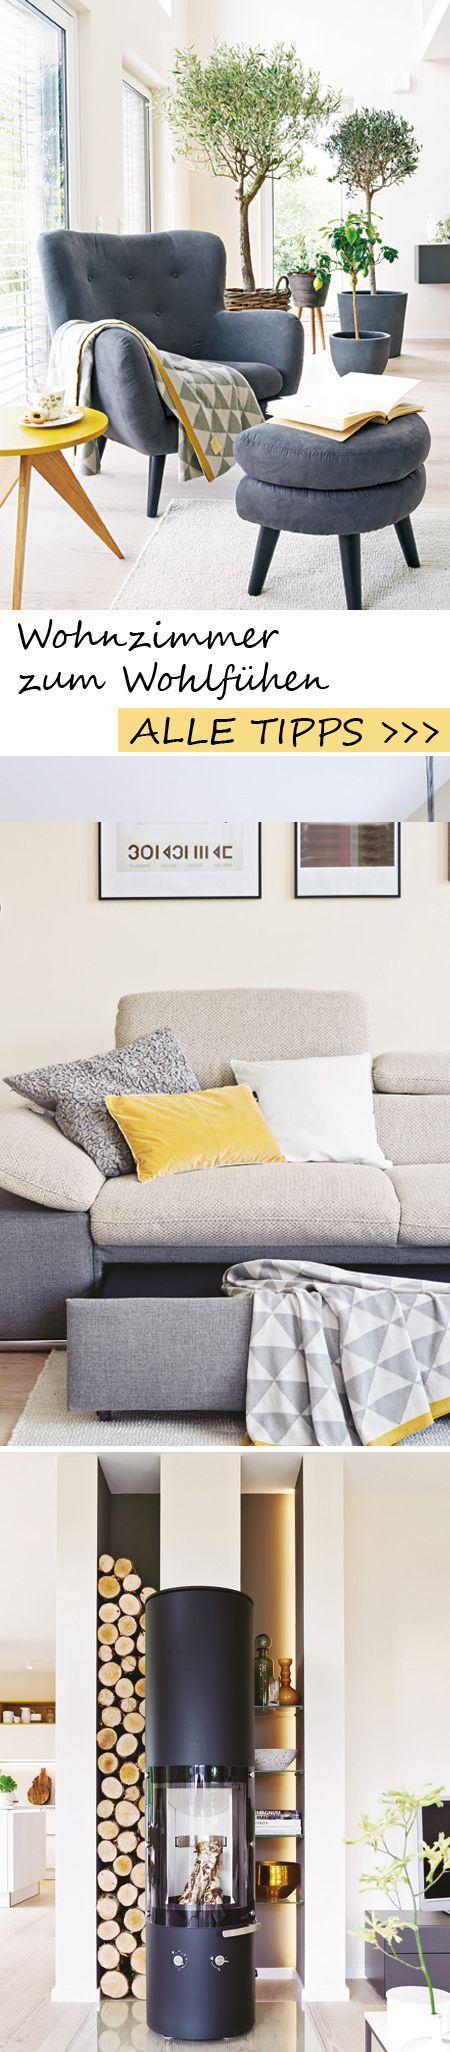 Endlich Zu Hause! Große Fenster, Ein Offener Grundriss Und Moderne Möbel  Zaubern Im Wohnzimmer Wohlfühl Atmosphäre. ALLE IDEEN U003eu003eu003e